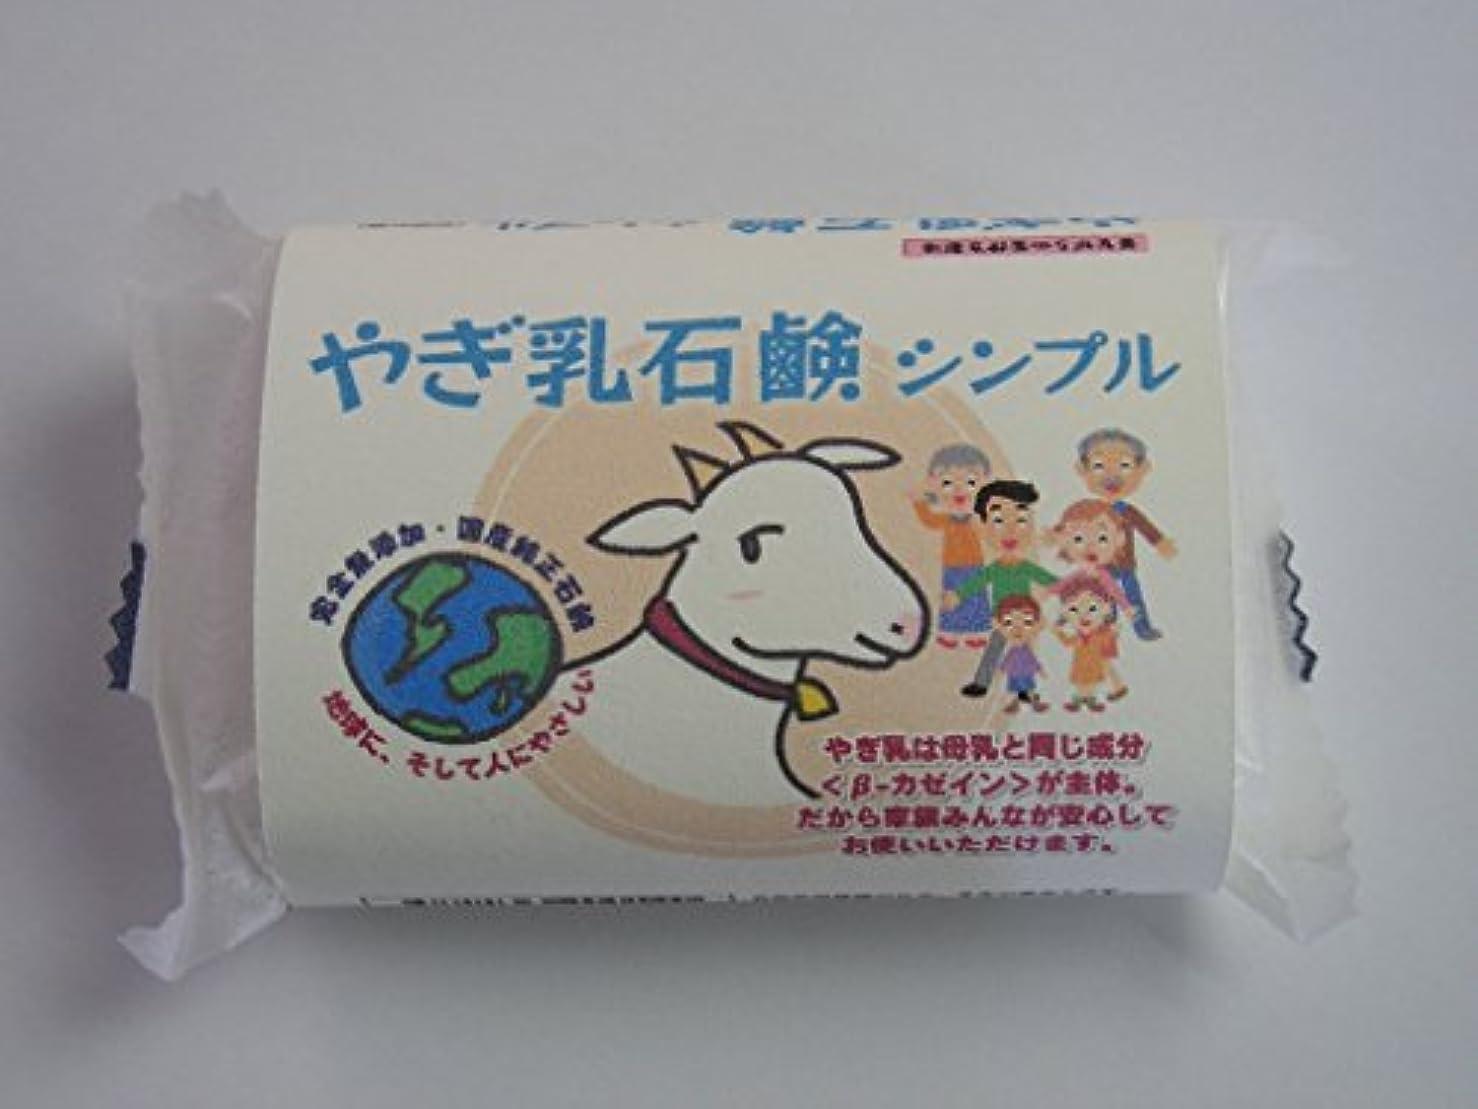 幼児シソーラス送料やぎ乳石鹸シンプル 80g